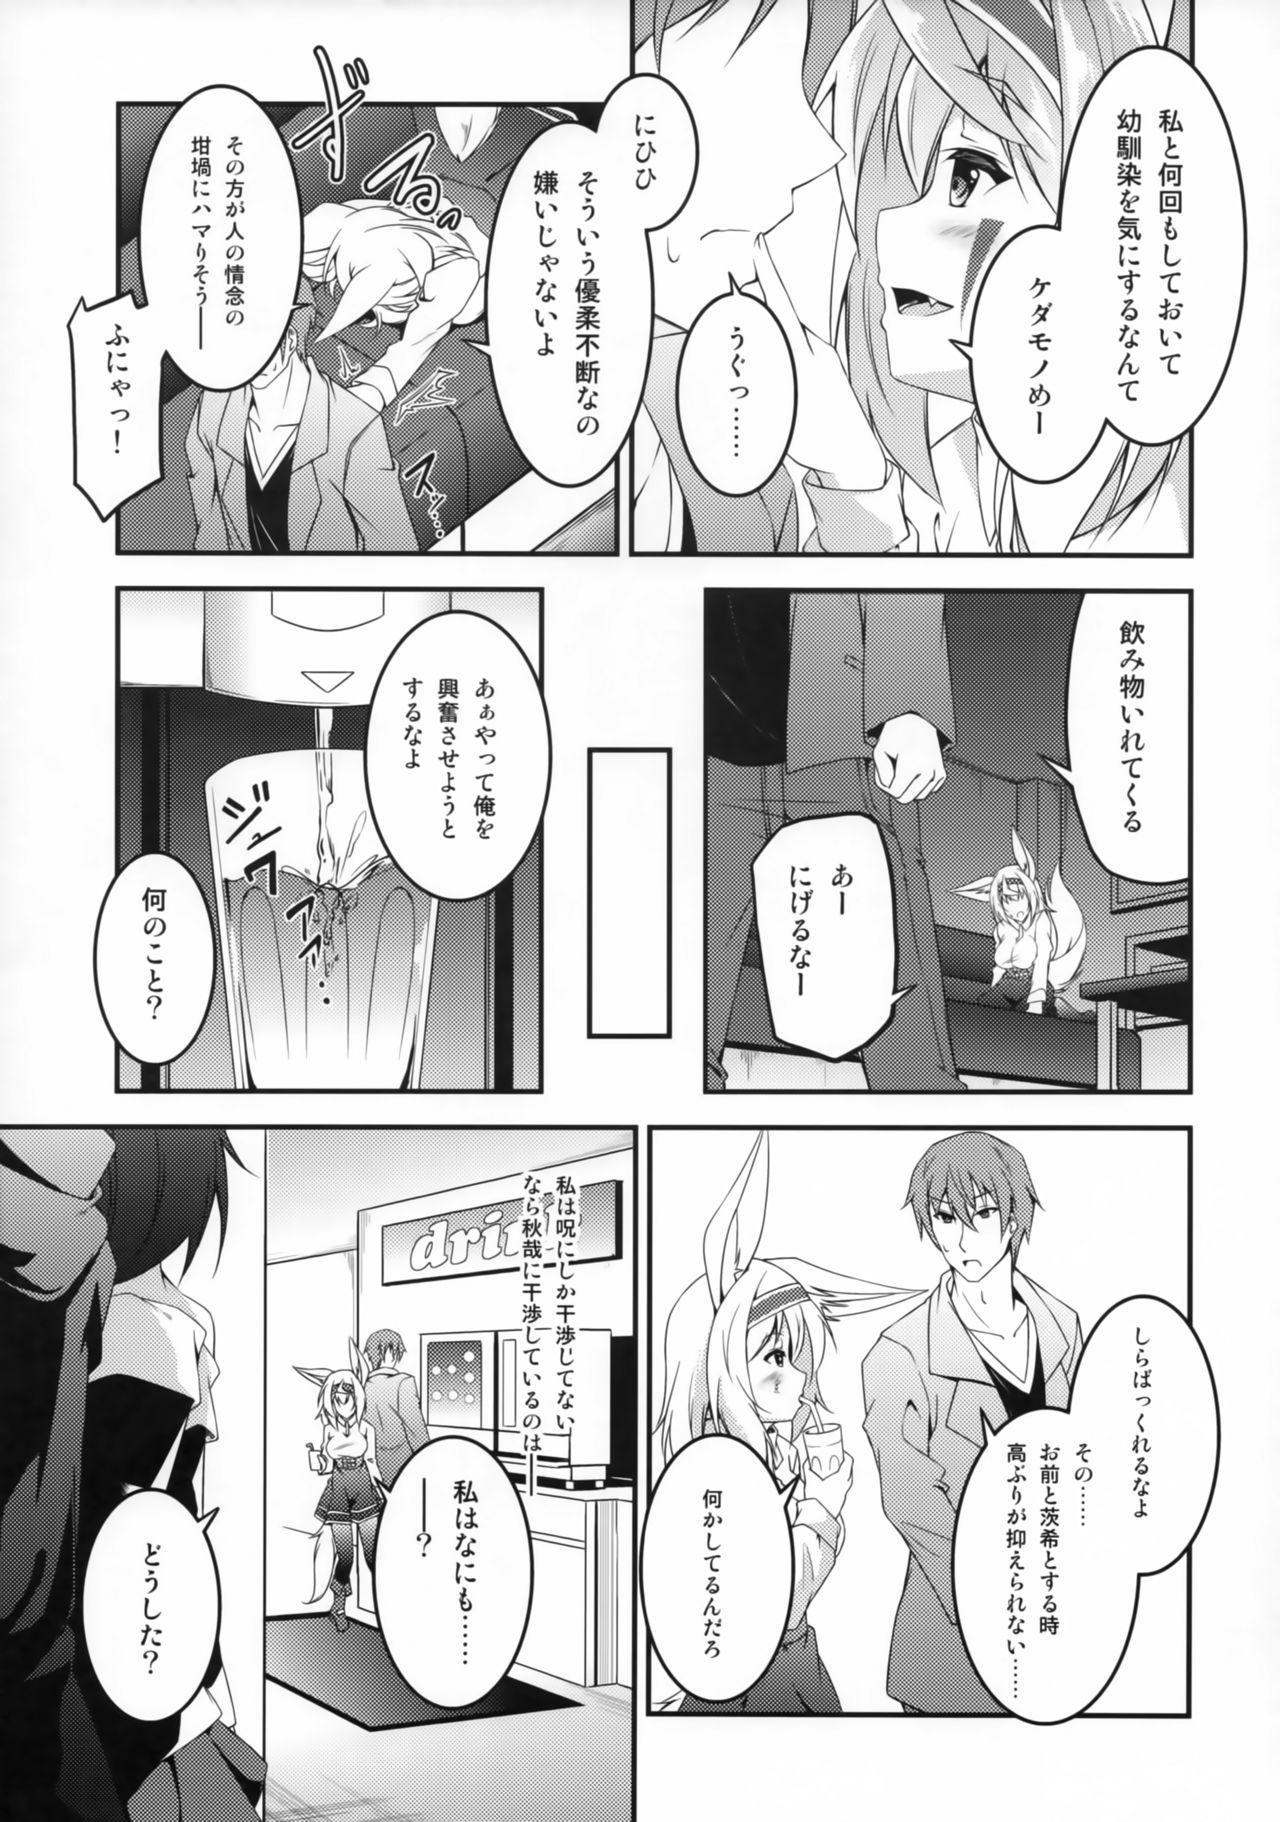 Kitsune no Ongaeshi Sono Yon 9